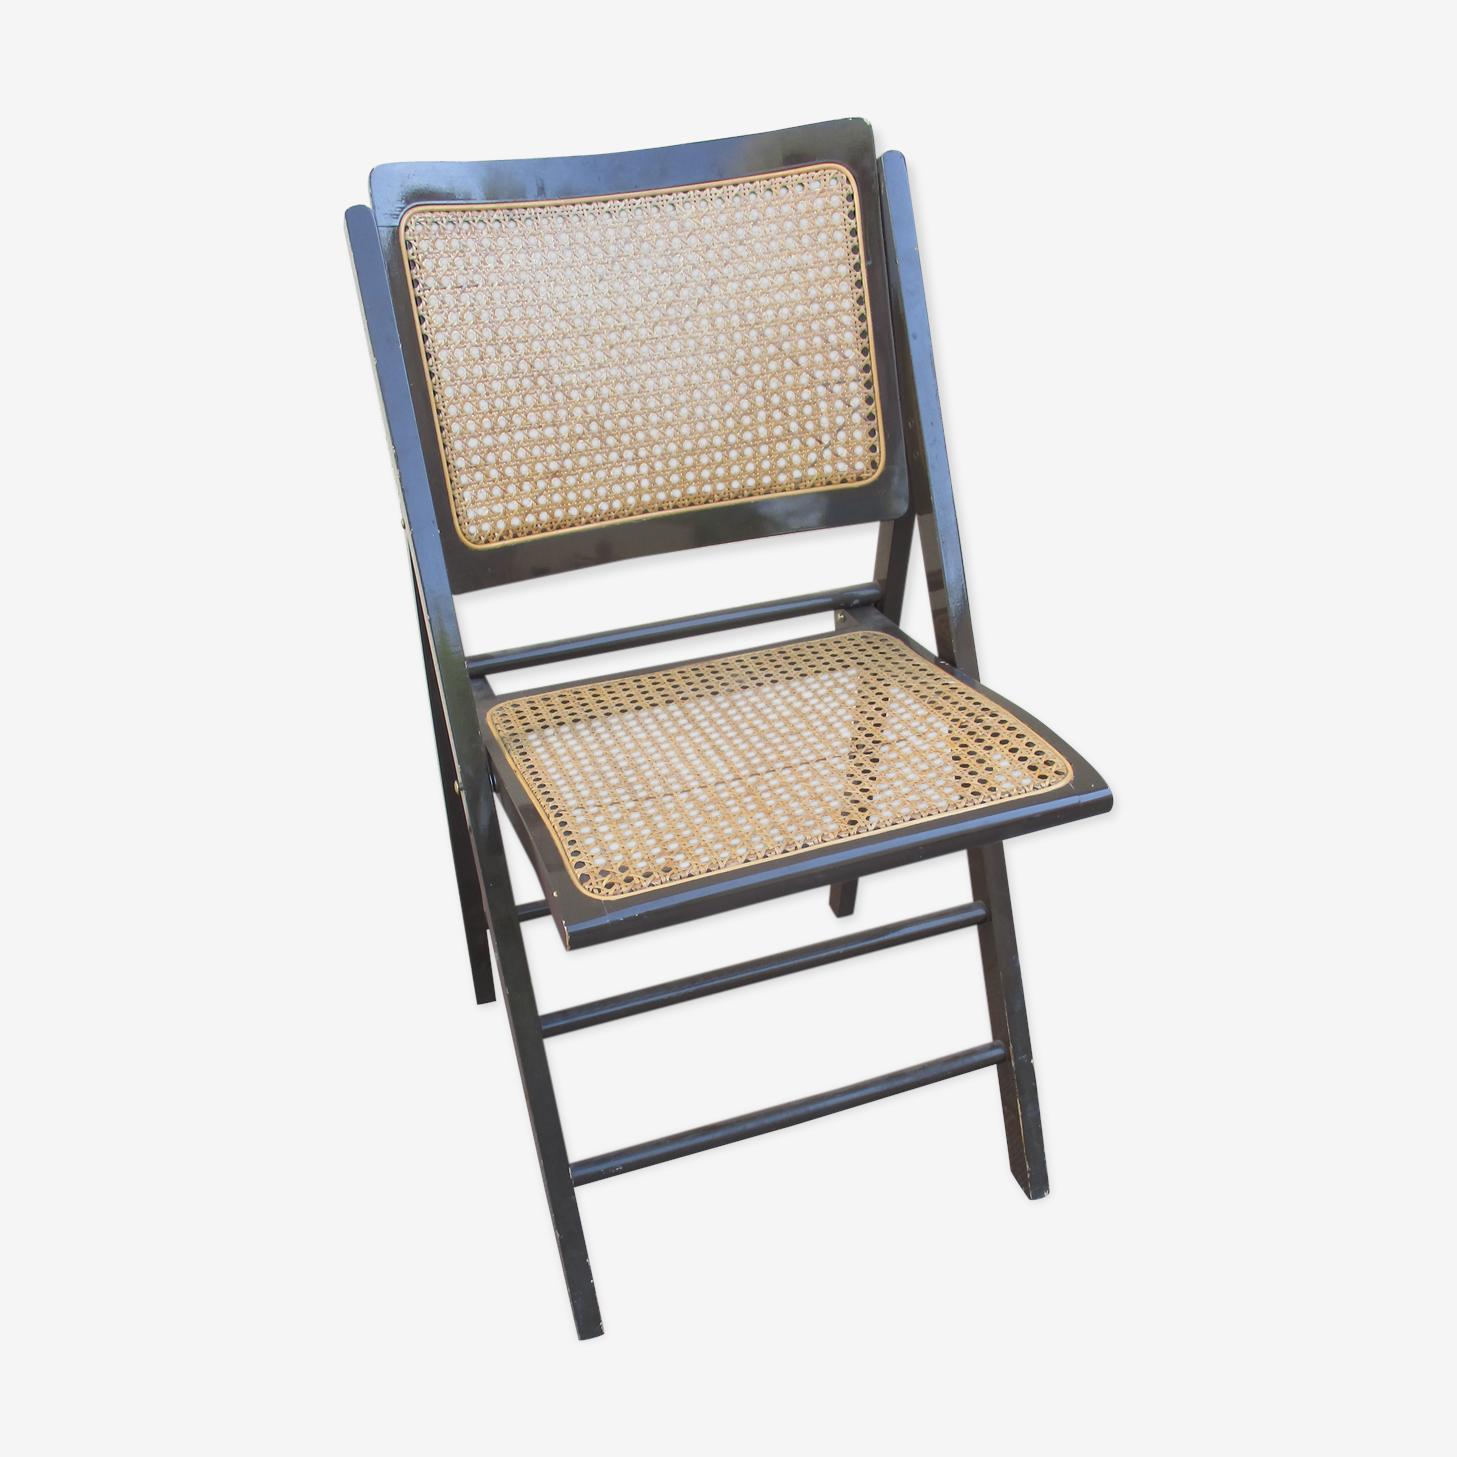 Chaise pliante cannée bois vintage année 60 model hema